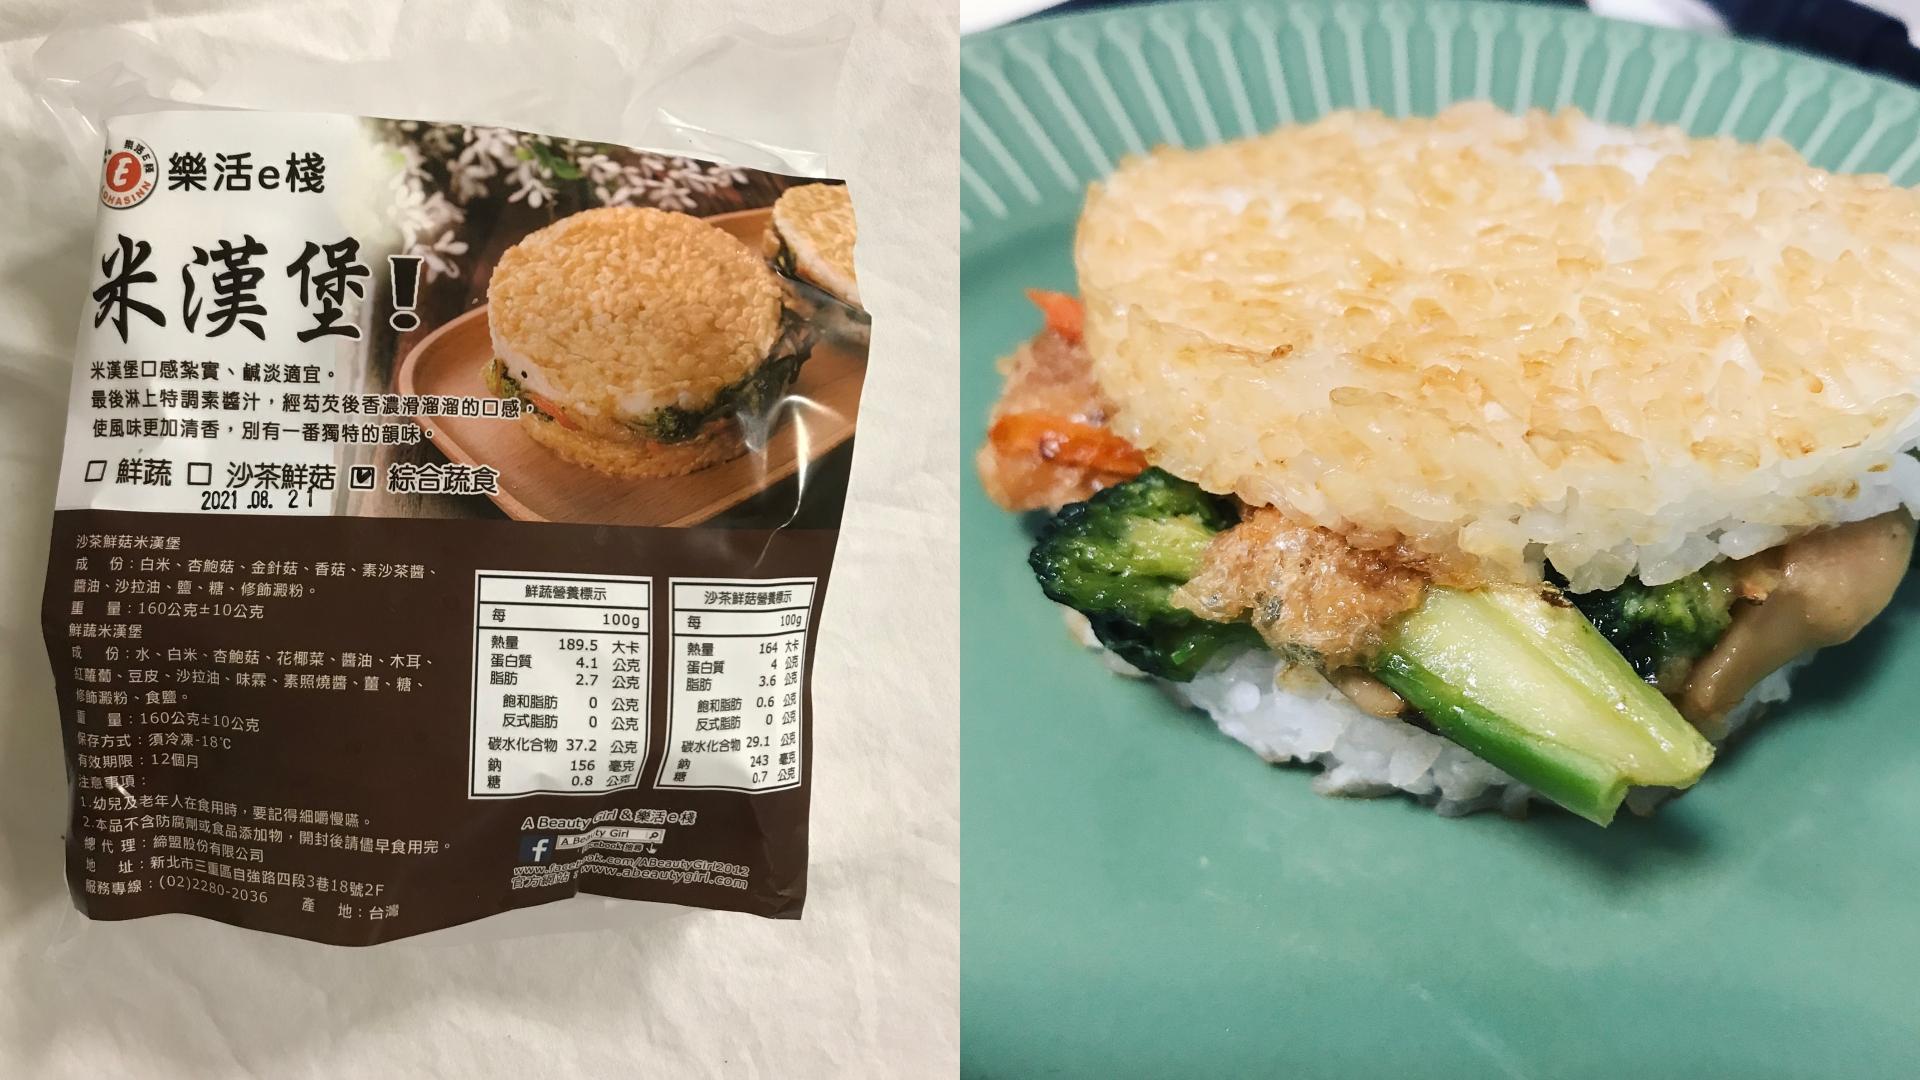 樂活e棧的料理通通秉持著低油、低鹽、低卡原則,體內環保好健康!而鮮蔬米漢堡使用嚴選台灣在地白米夾入蔬菜